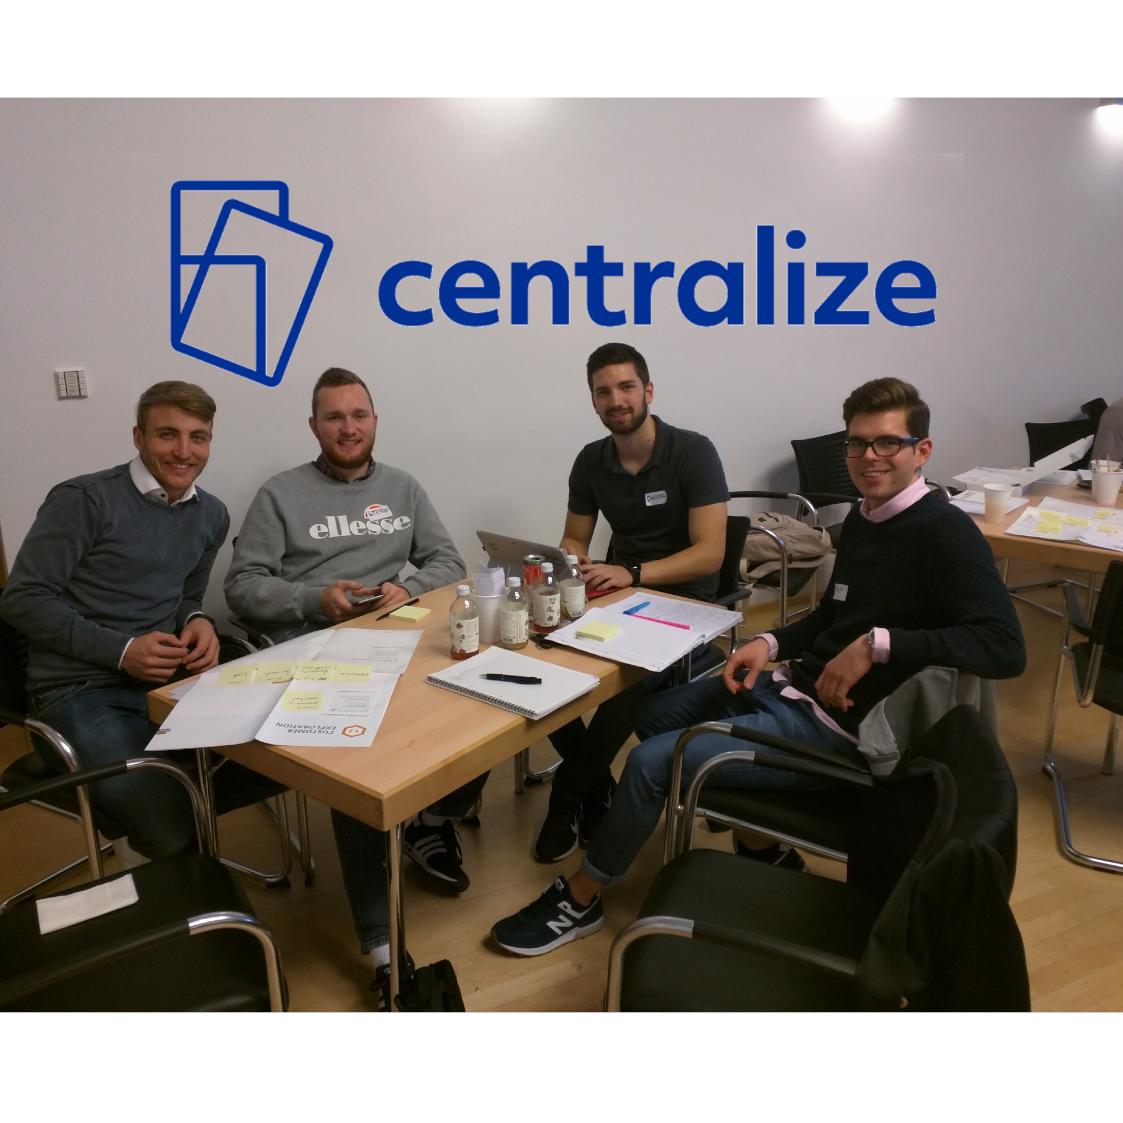 Mit Centralize auf StartupLive in St. Pölten